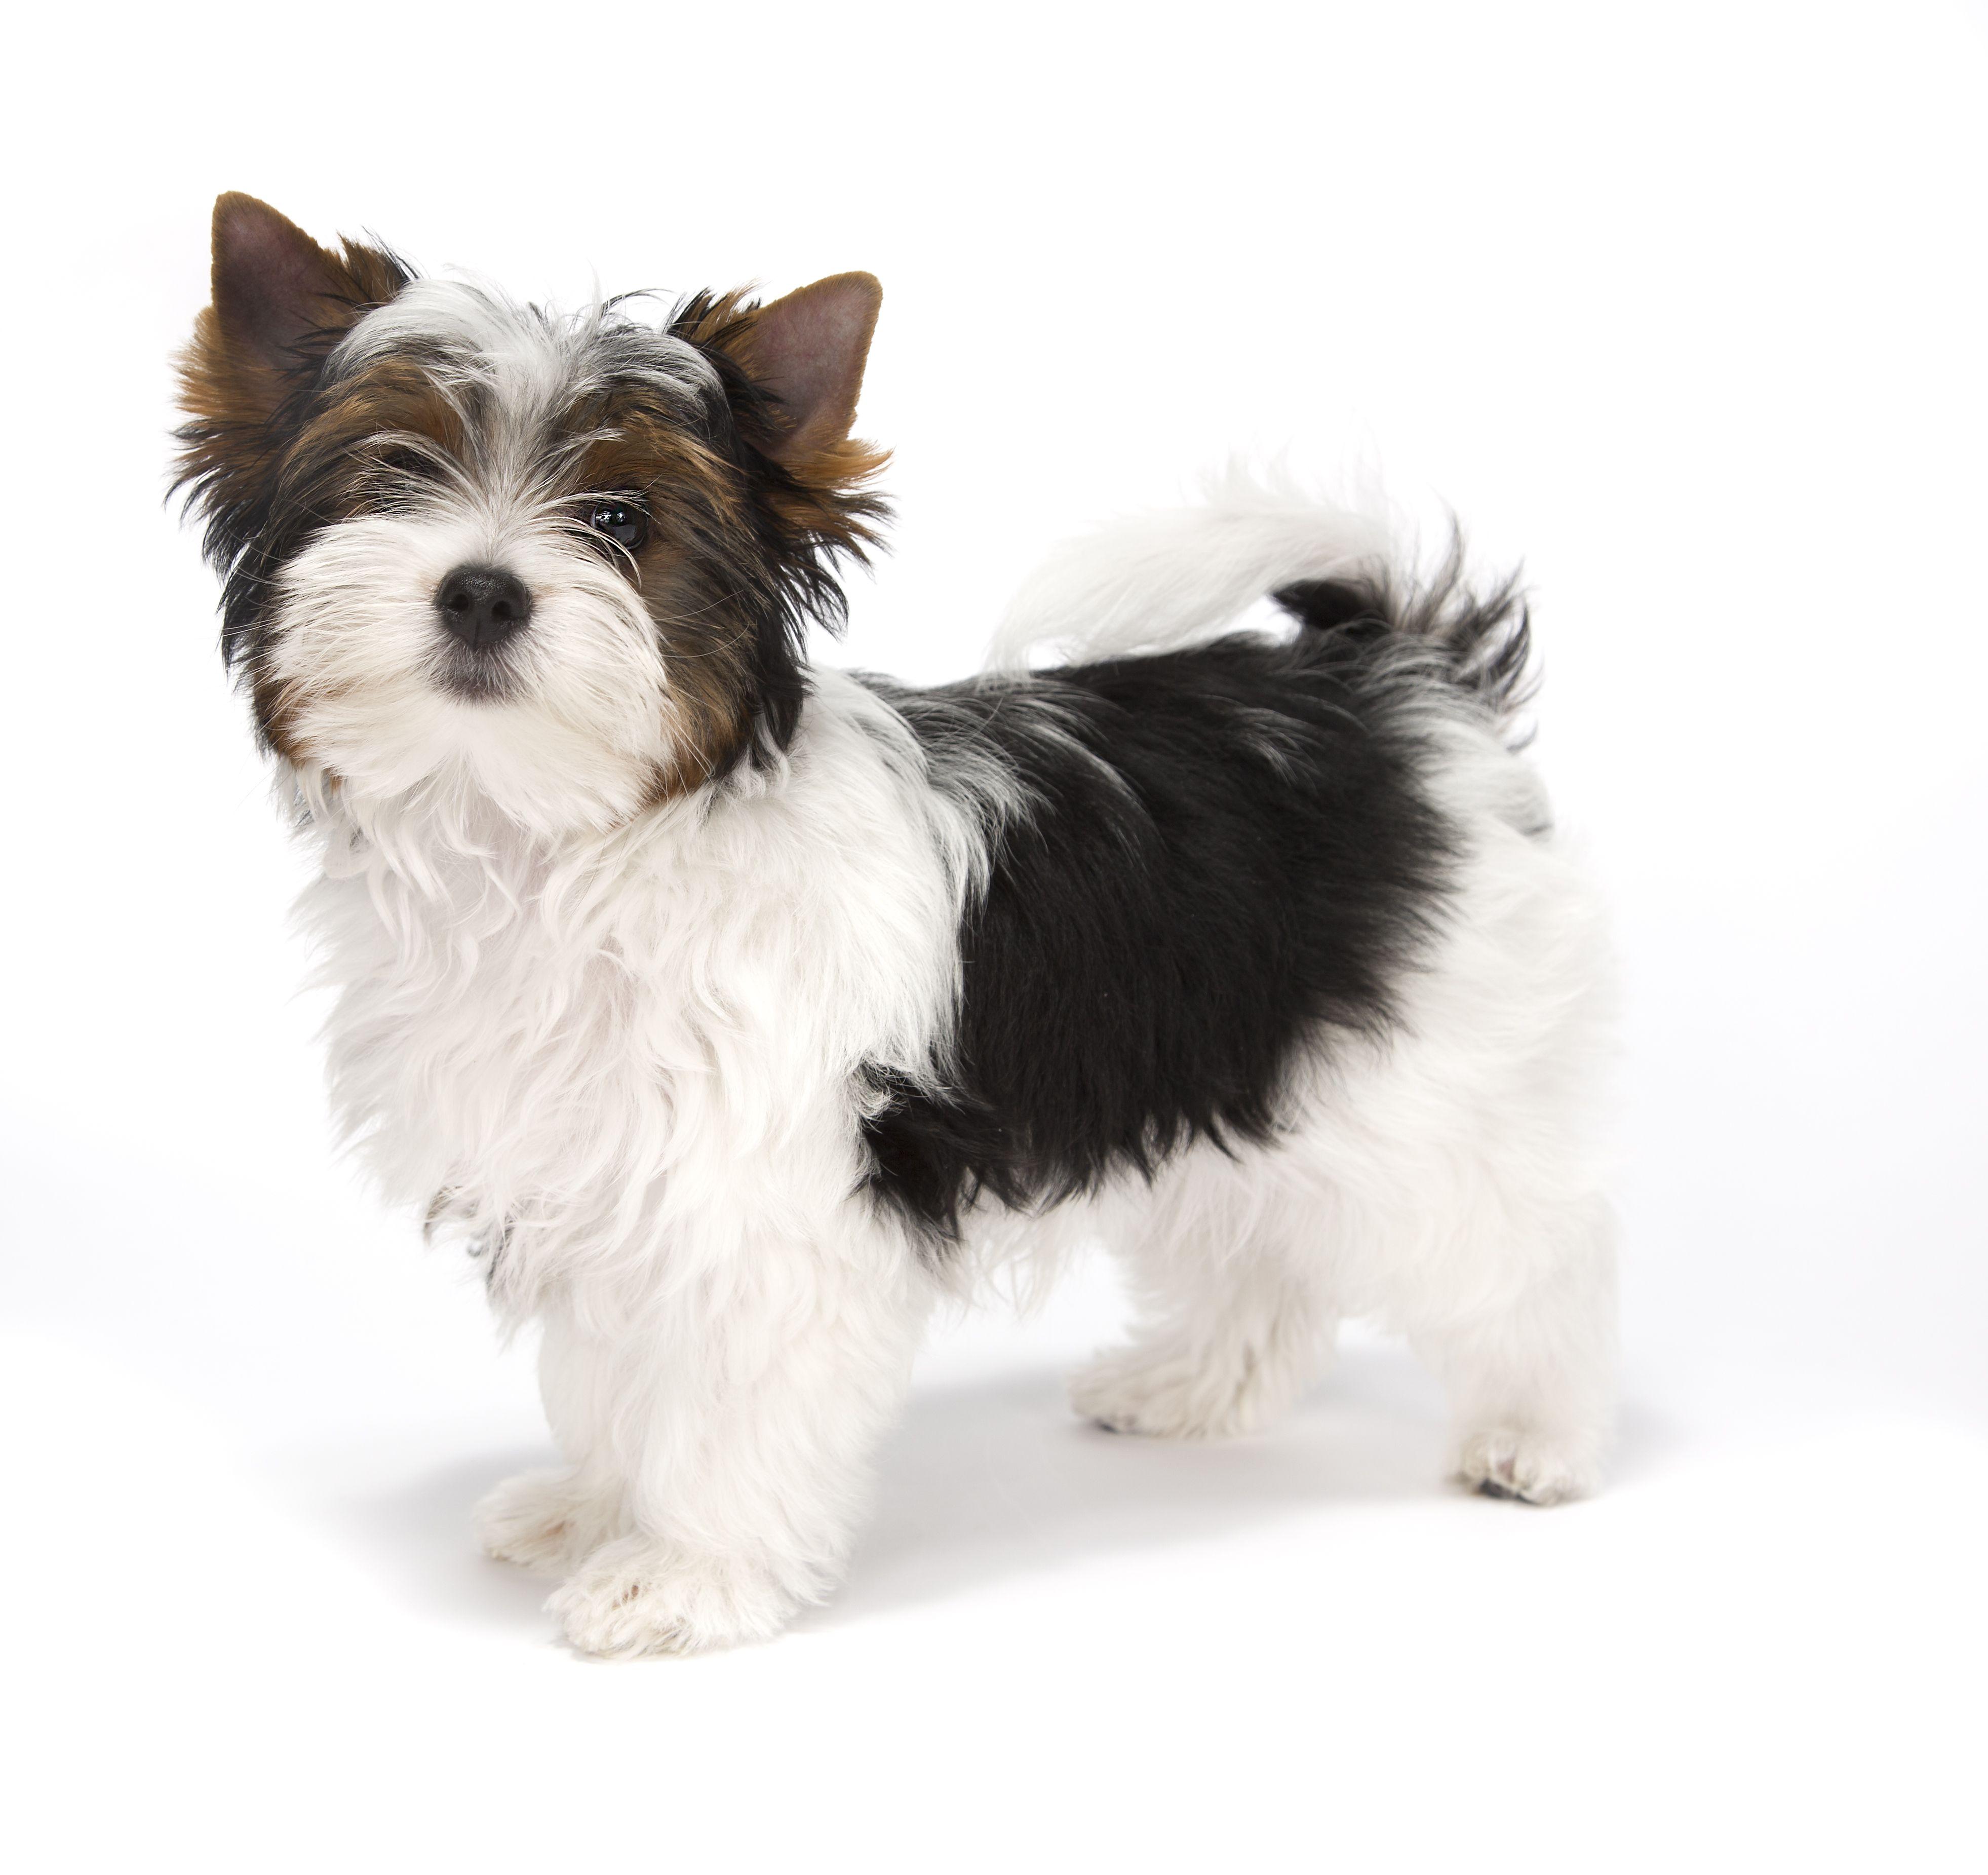 My Harley As A Baby Biewer Terrier Cute Teacup Puppies Biewer Yorkie Yorkshire Terrier Puppies